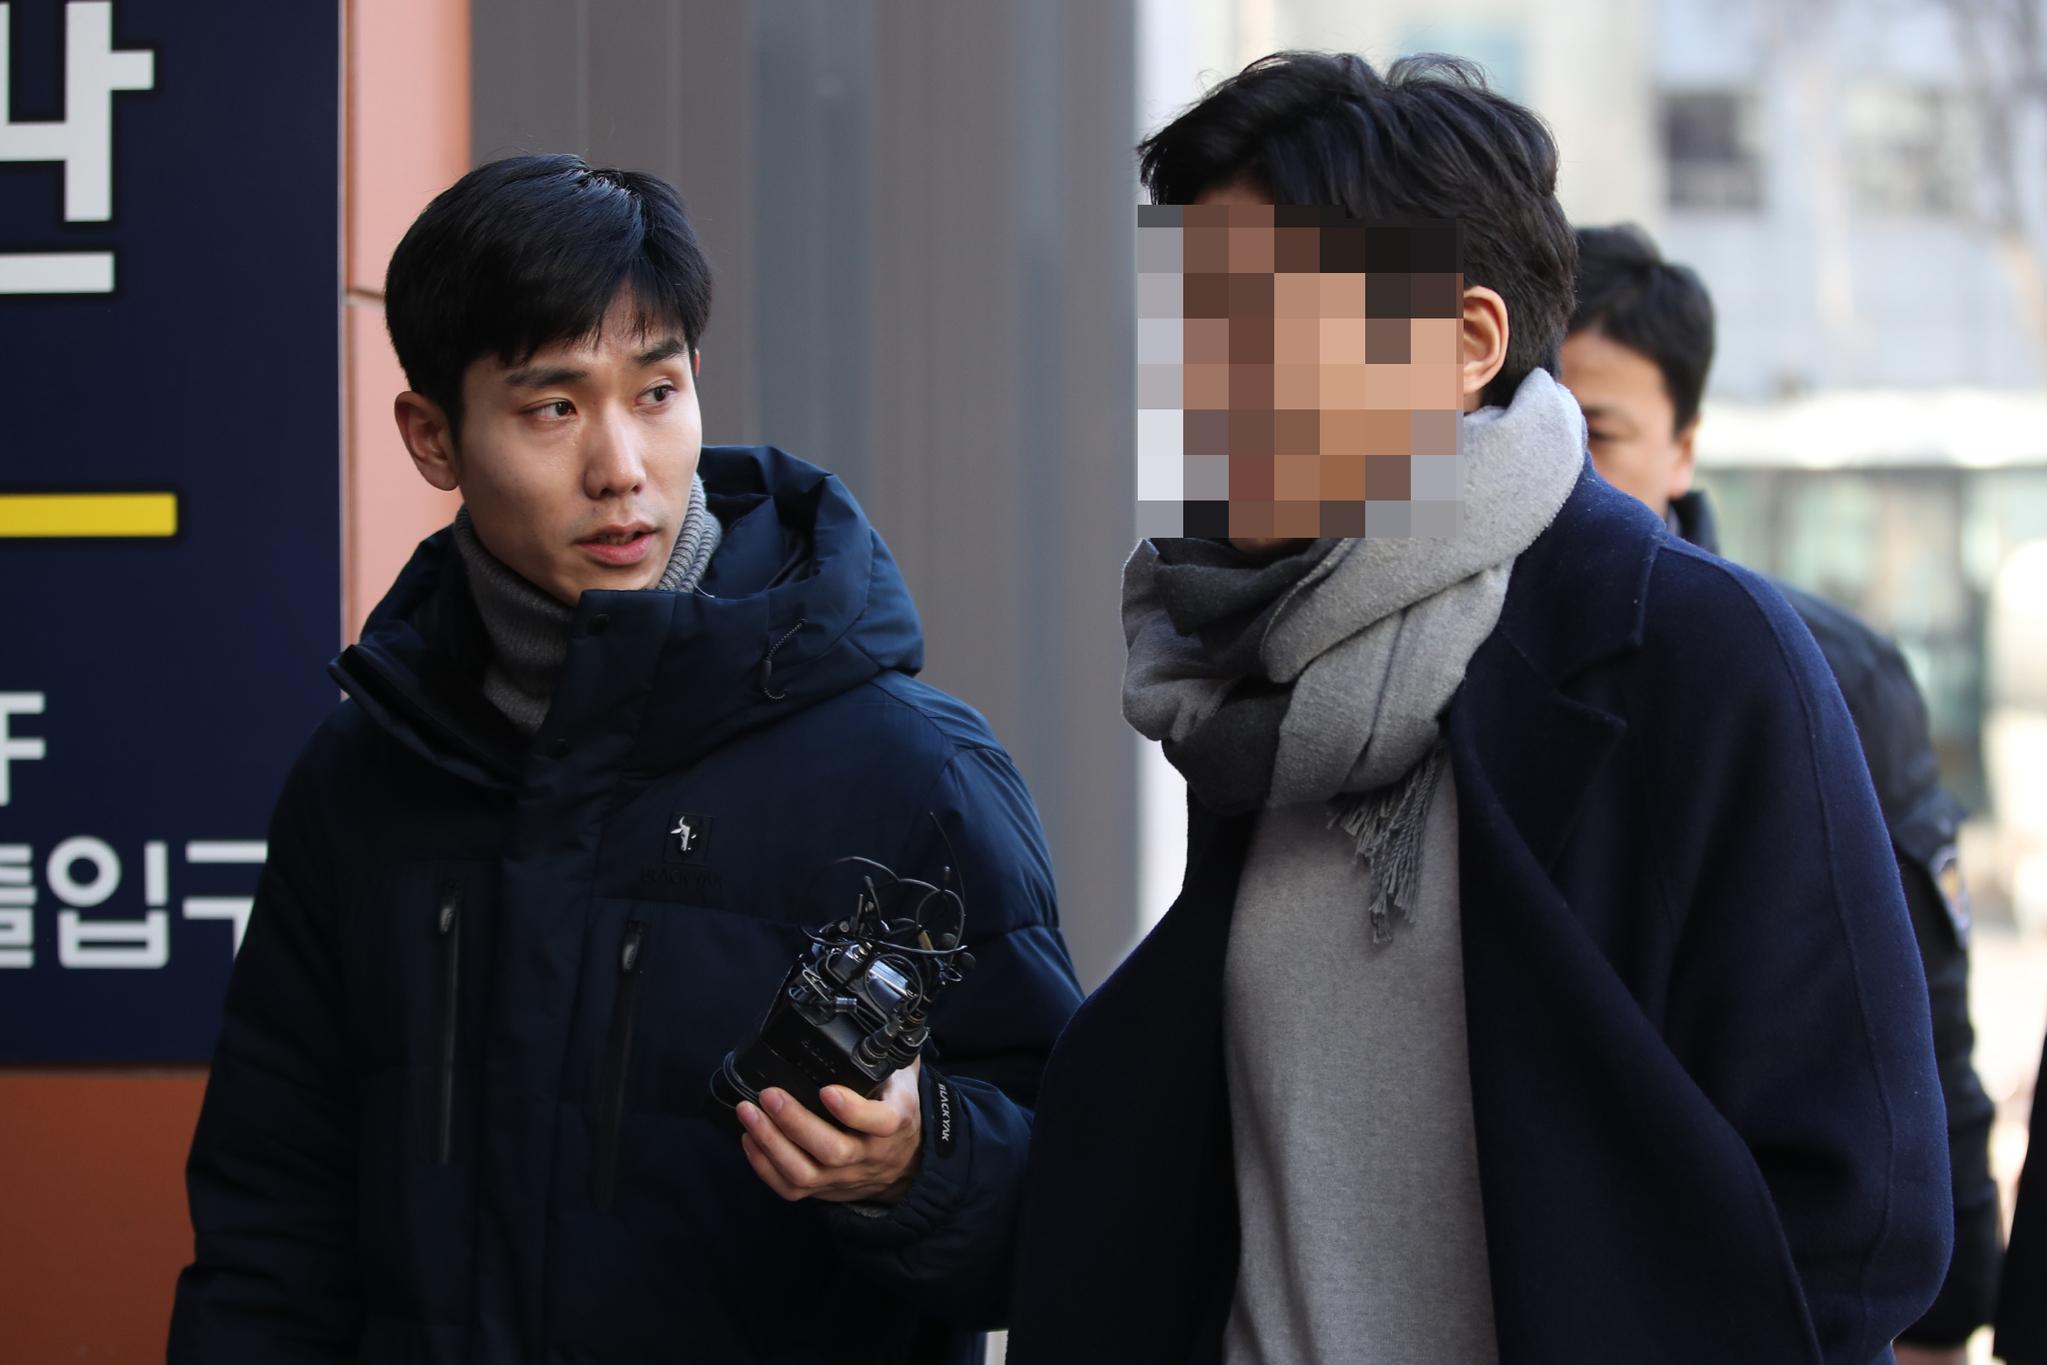 서울 강남의 유명 클럽 '버닝썬'에서 폭행을 당했다고 신고했다가 경찰에 입건된 김상교(28)씨가 최근 성추행과 업무방해 등 혐의 피의자로 경찰 조사를 받기 위해 서울 강남경찰서로 들어서고 있다. [연합뉴스]